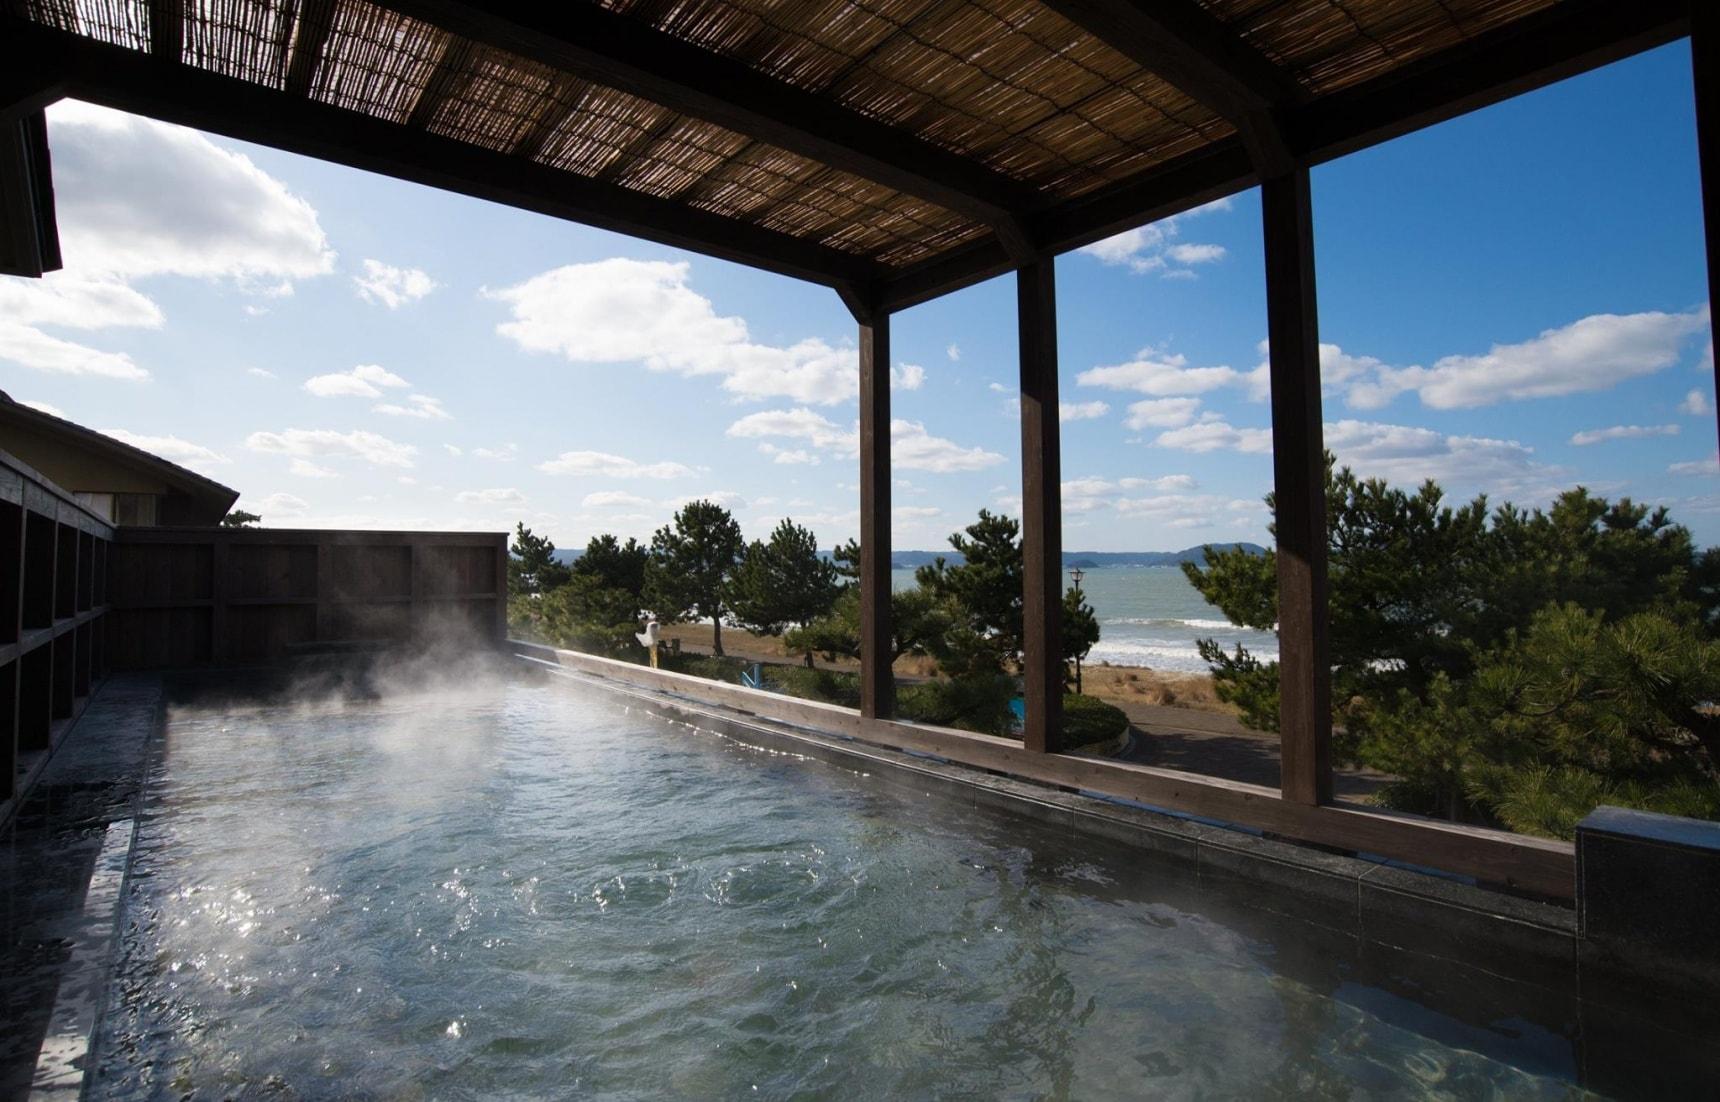 誰說一個人不能創造美好的泡湯經驗?10間適合一人旅的日本溫泉旅館推薦